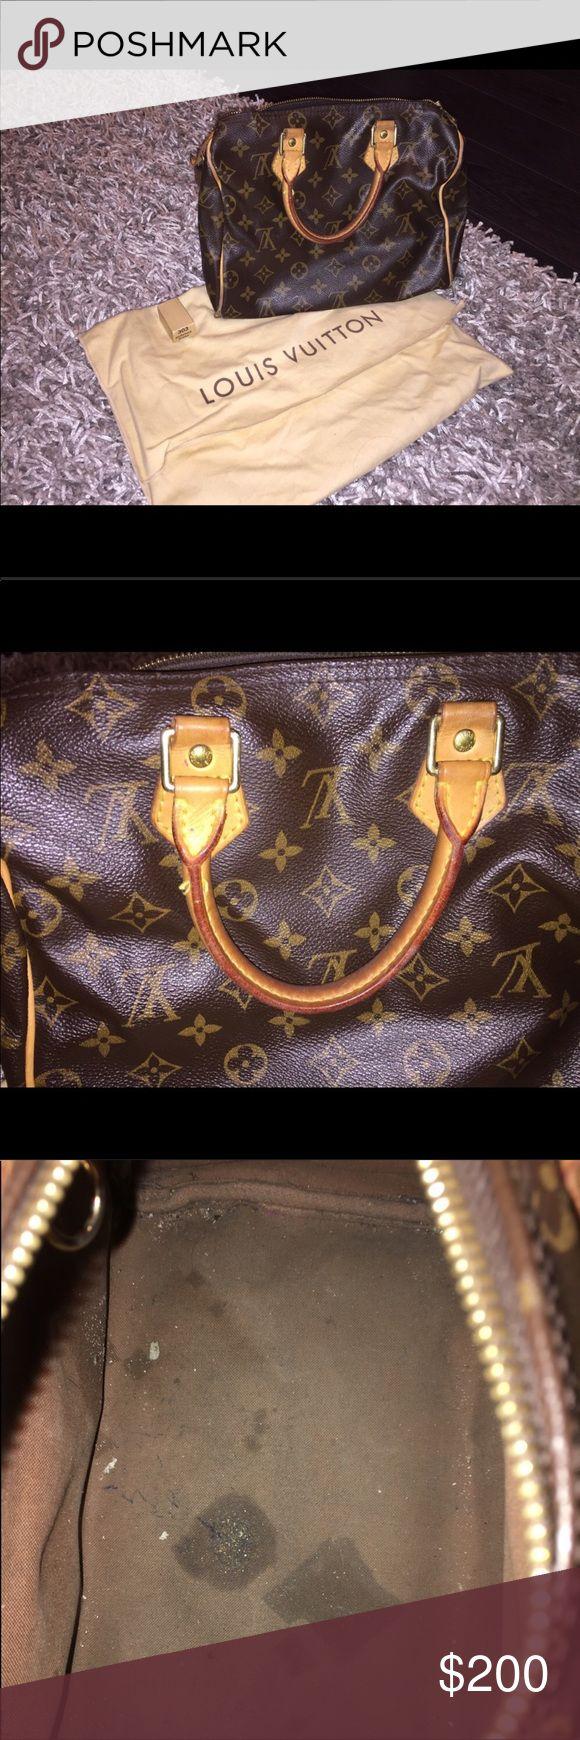 SM Louis Vuitton authentic speedy bag w/dust bag Small Louis Vuitton speedy bag with dust bag Bags Totes